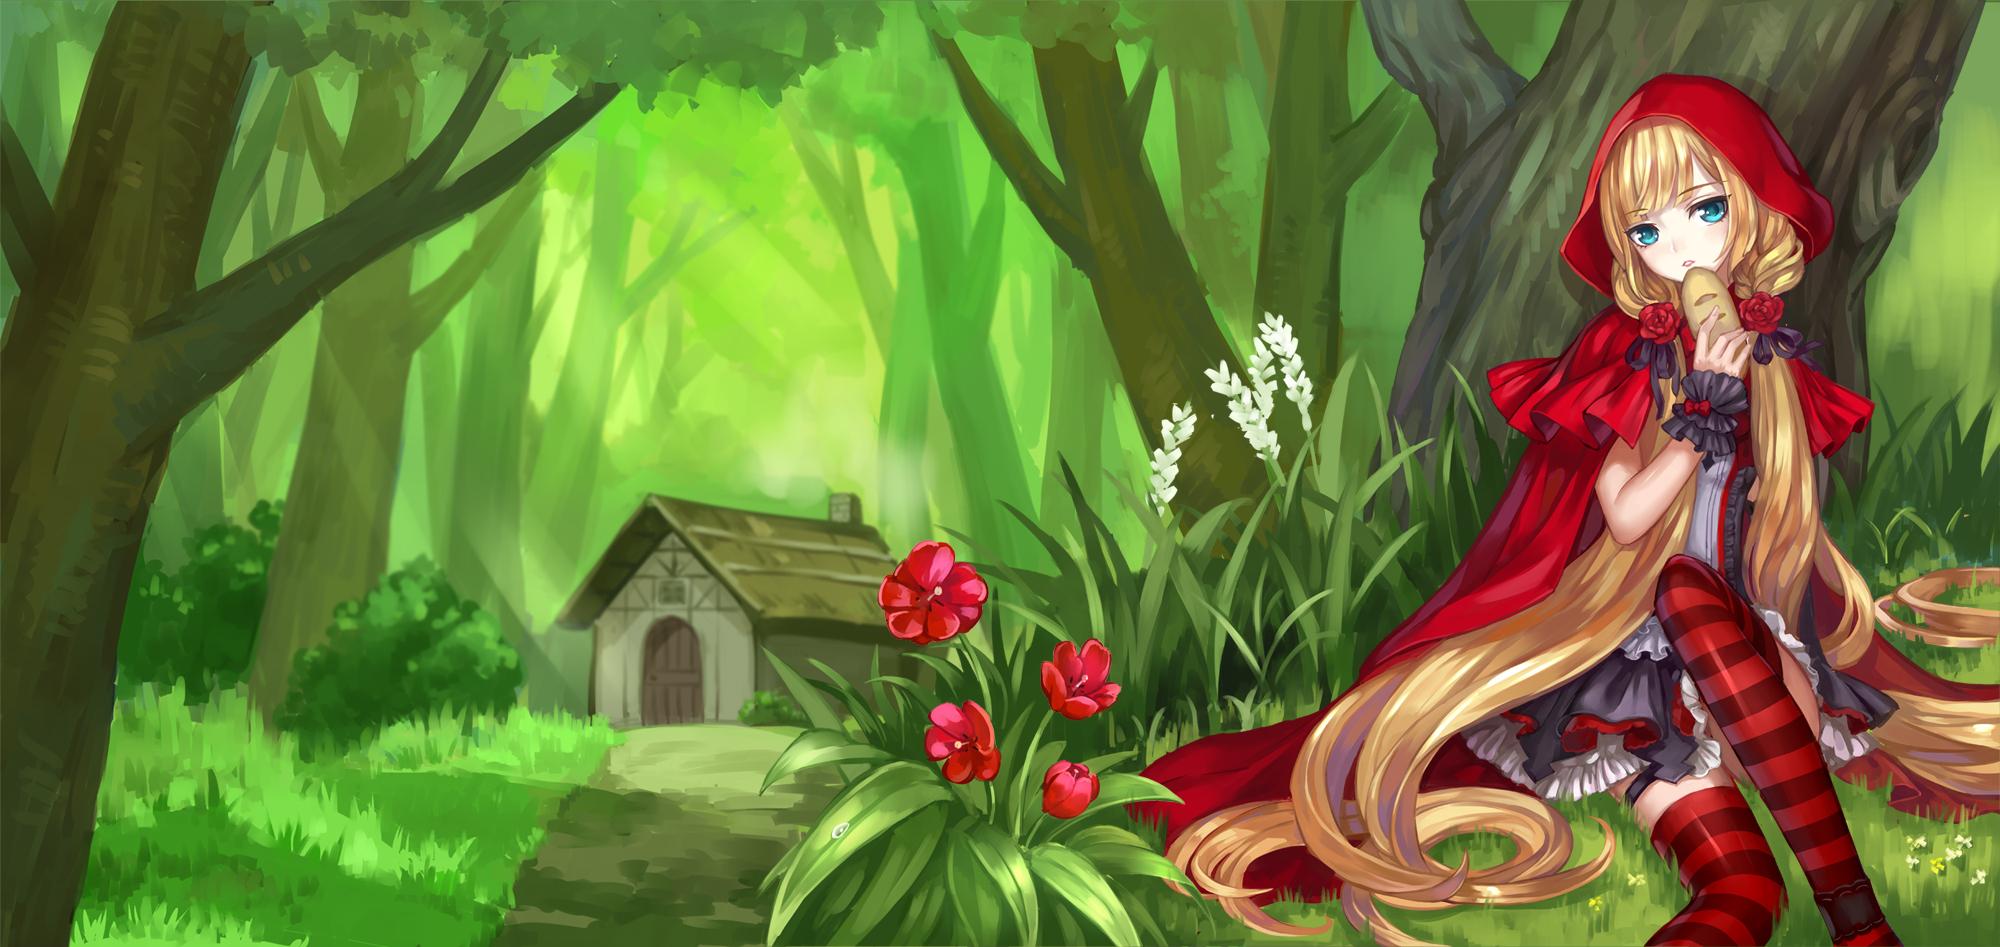 Красная шапочка в лесу рисунок нужно включить